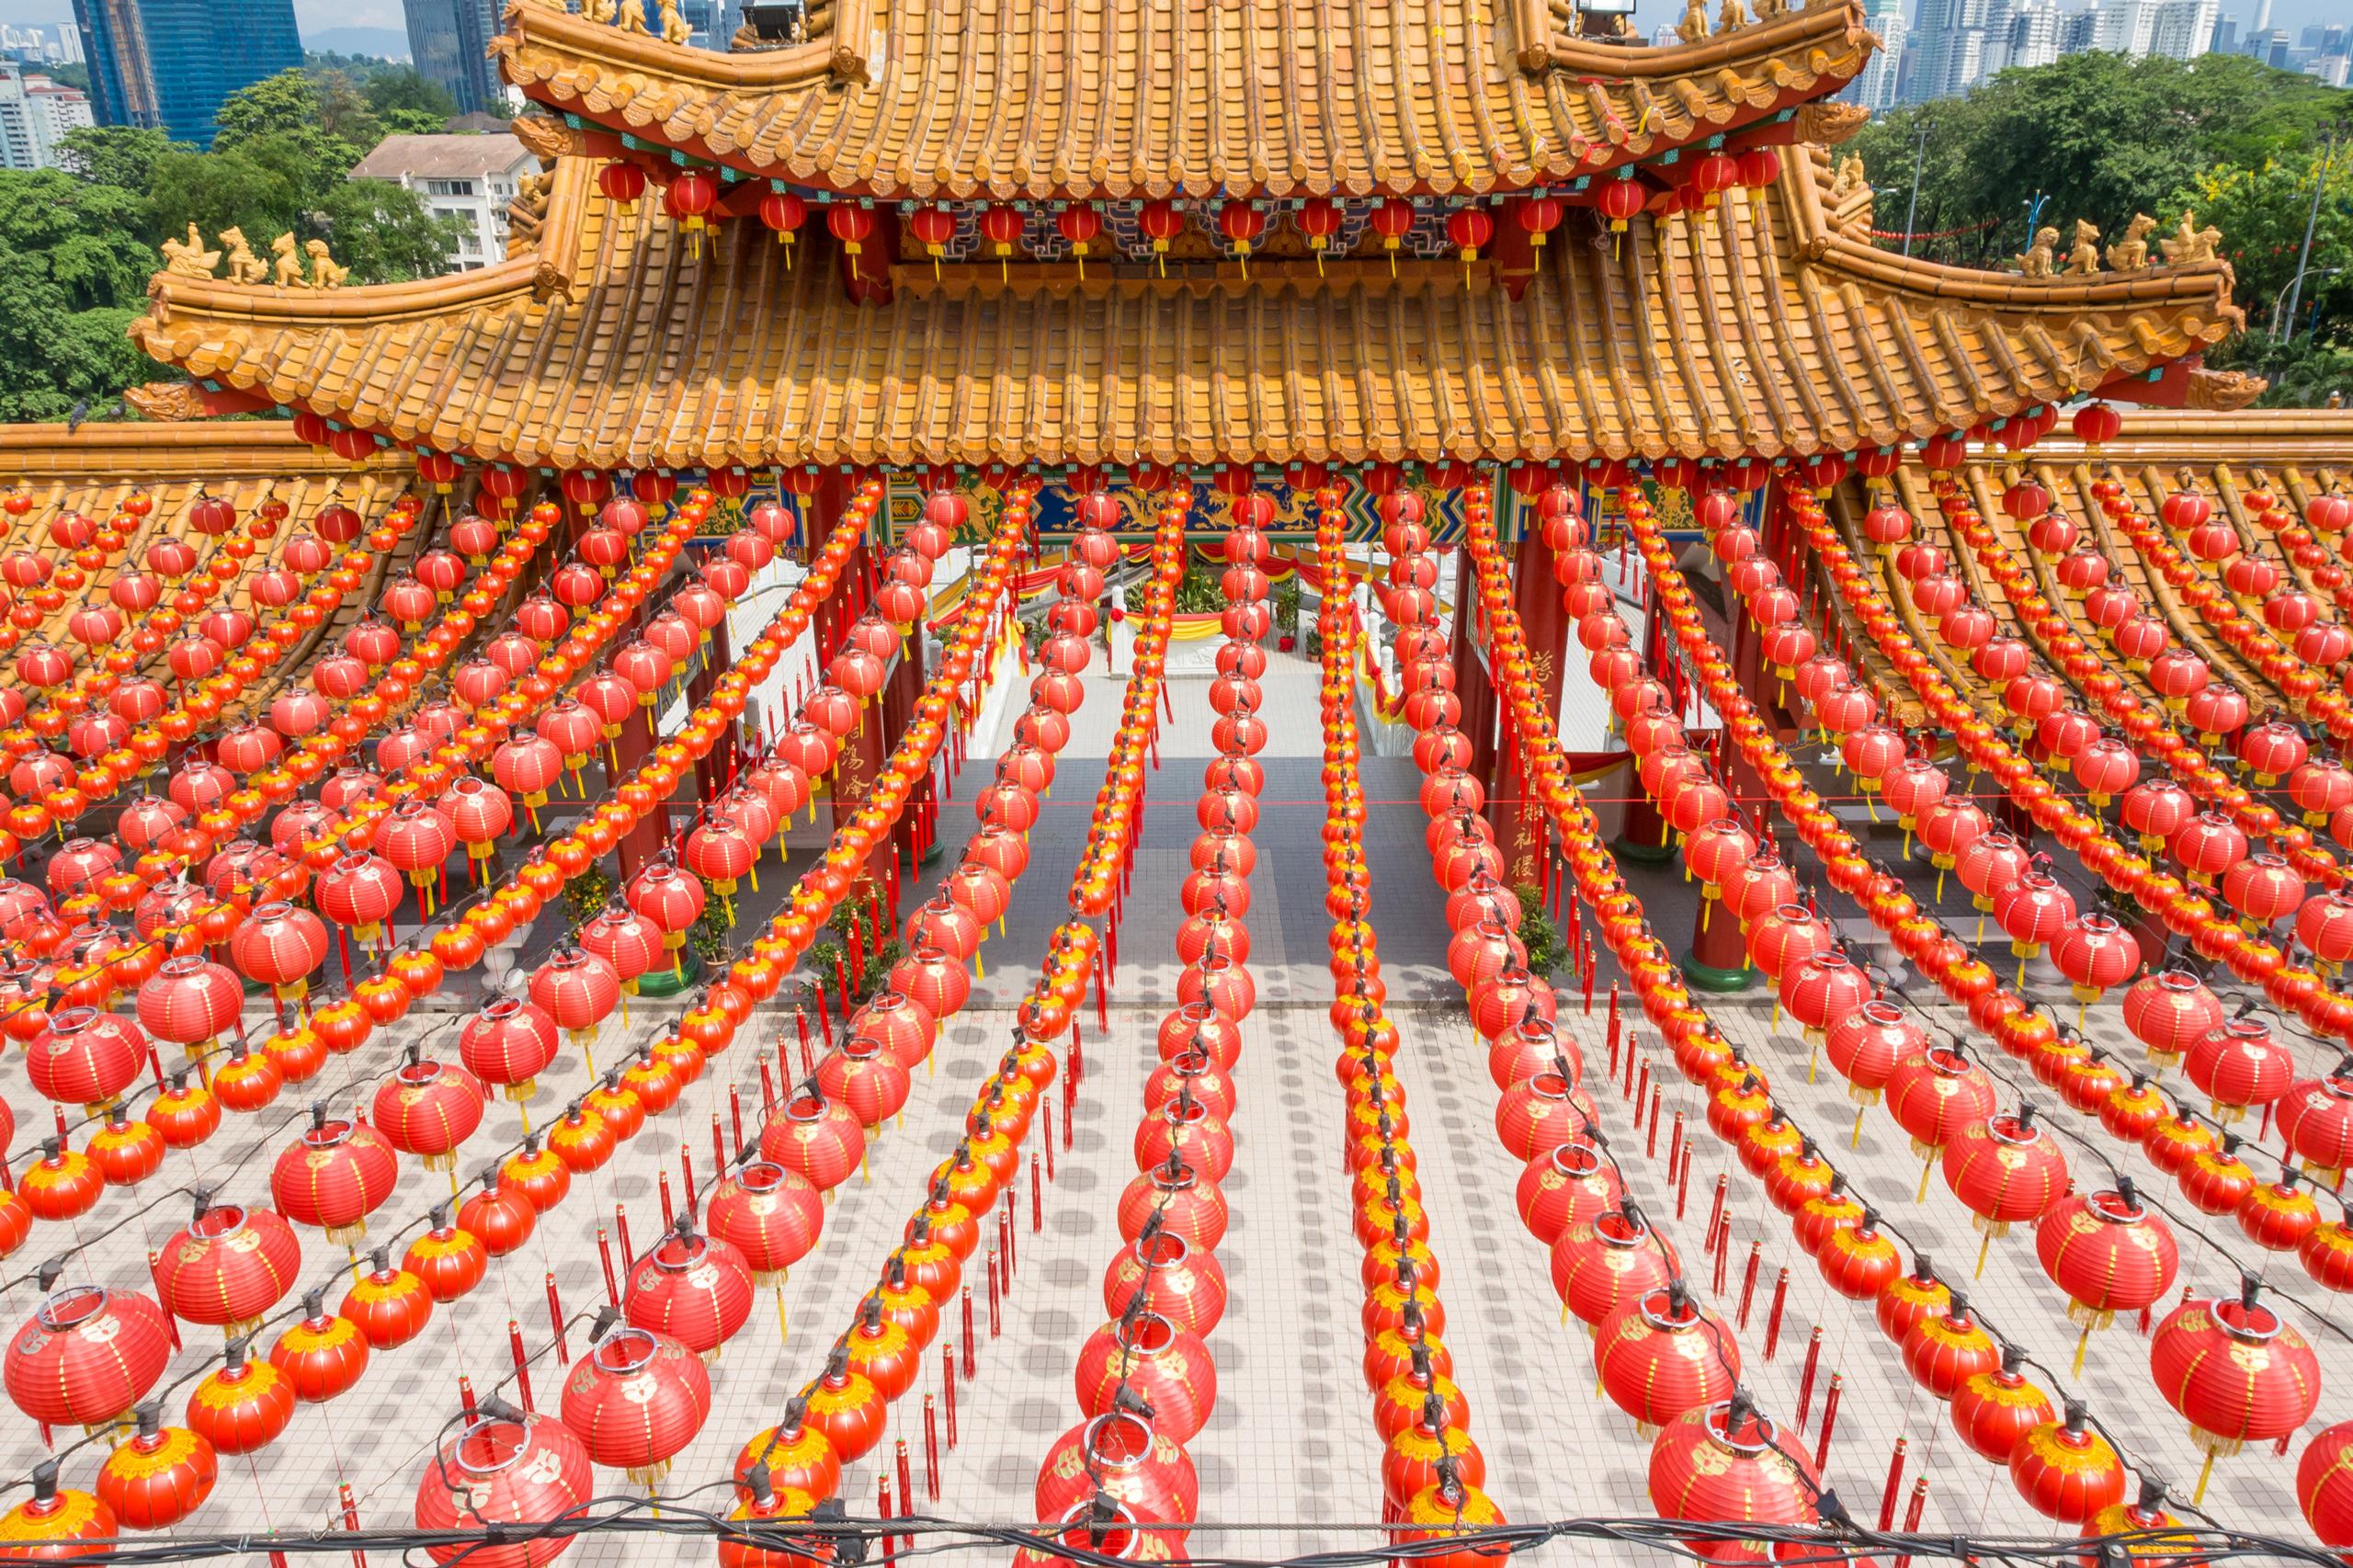 アジア圏の大型連休のイメージ